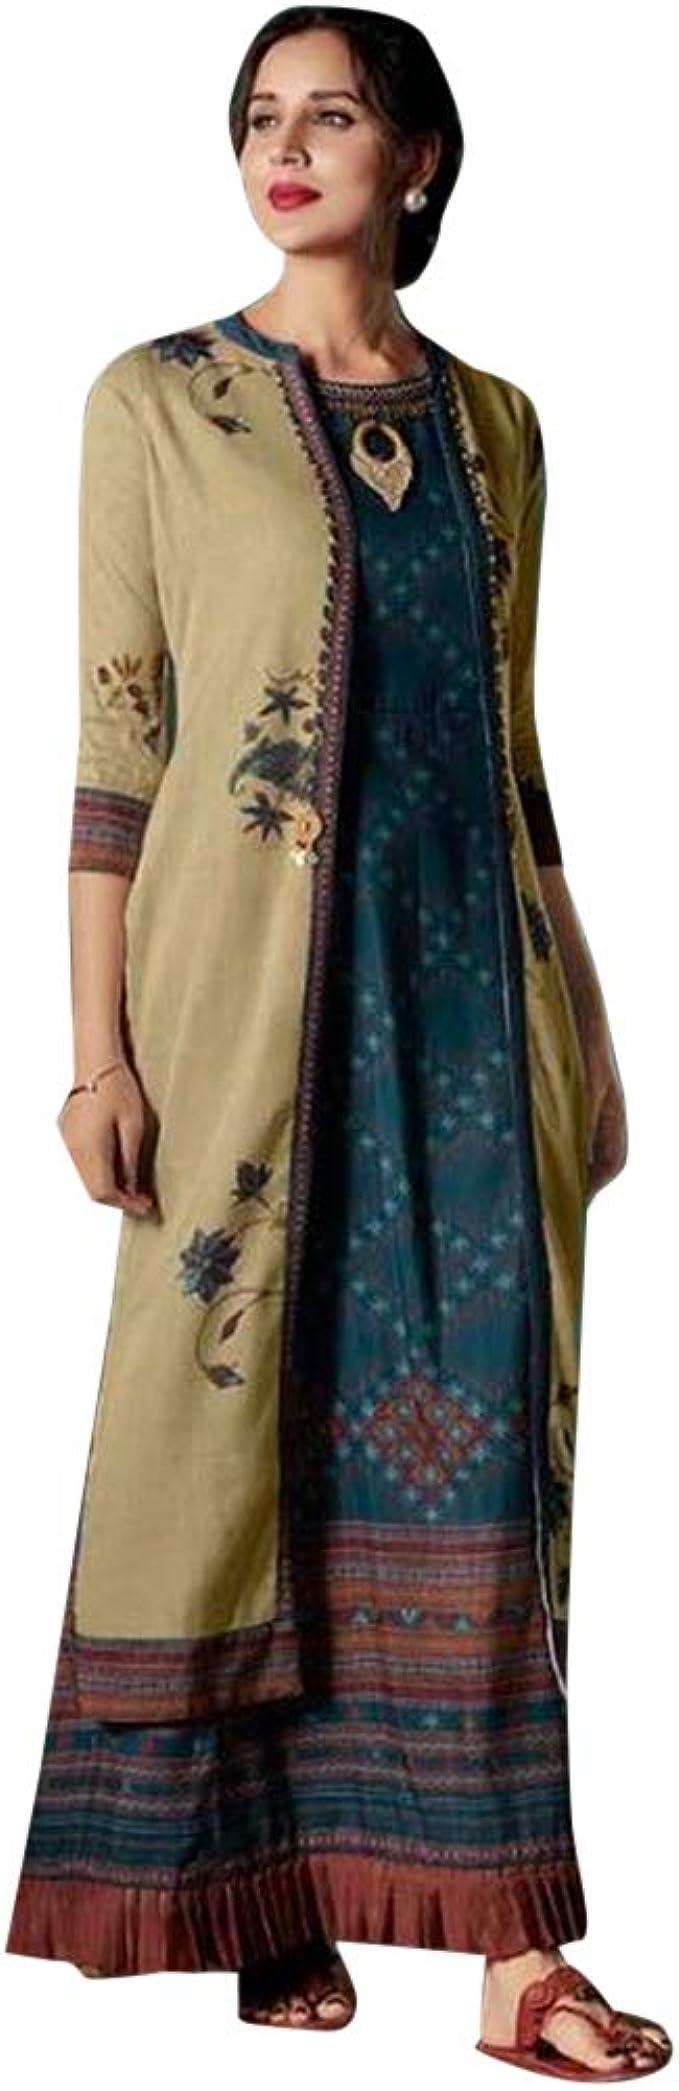 ETHNIC EMPORIUM Damen Indian Ethnic Ganzkörper Ausgestellte Kurtis